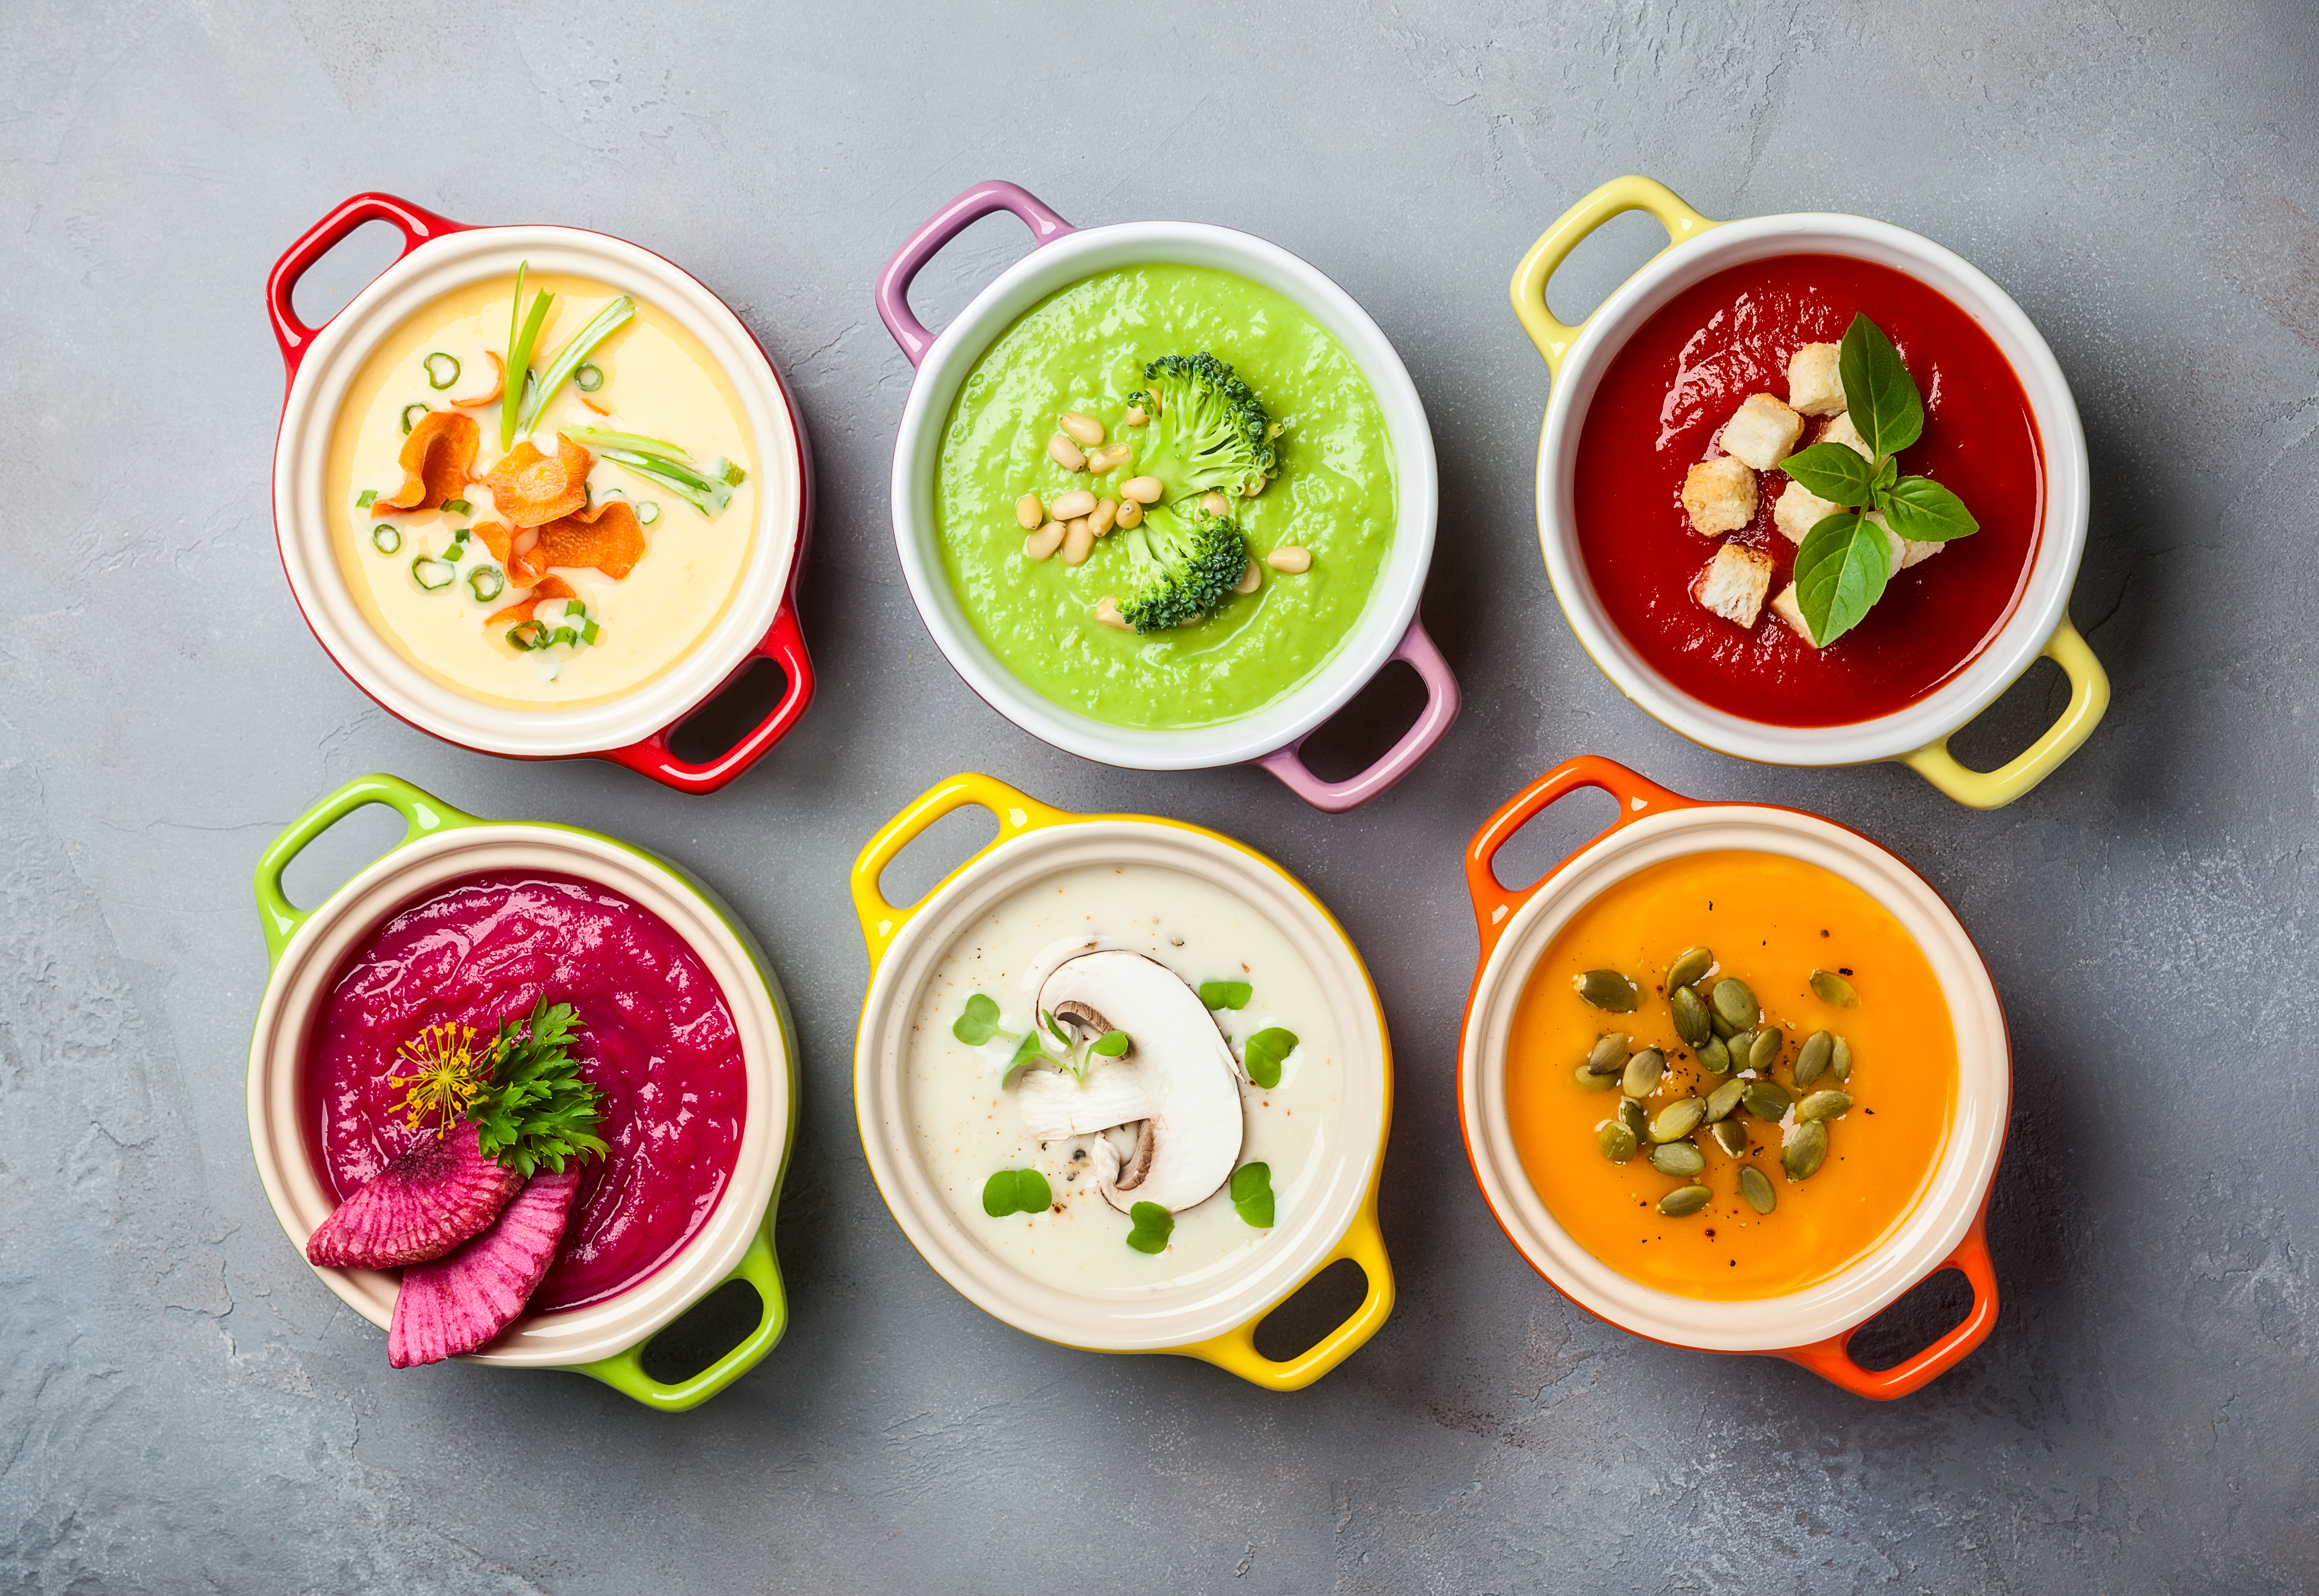 Популярні супи з різних країн світу, які легко приготувати вдома